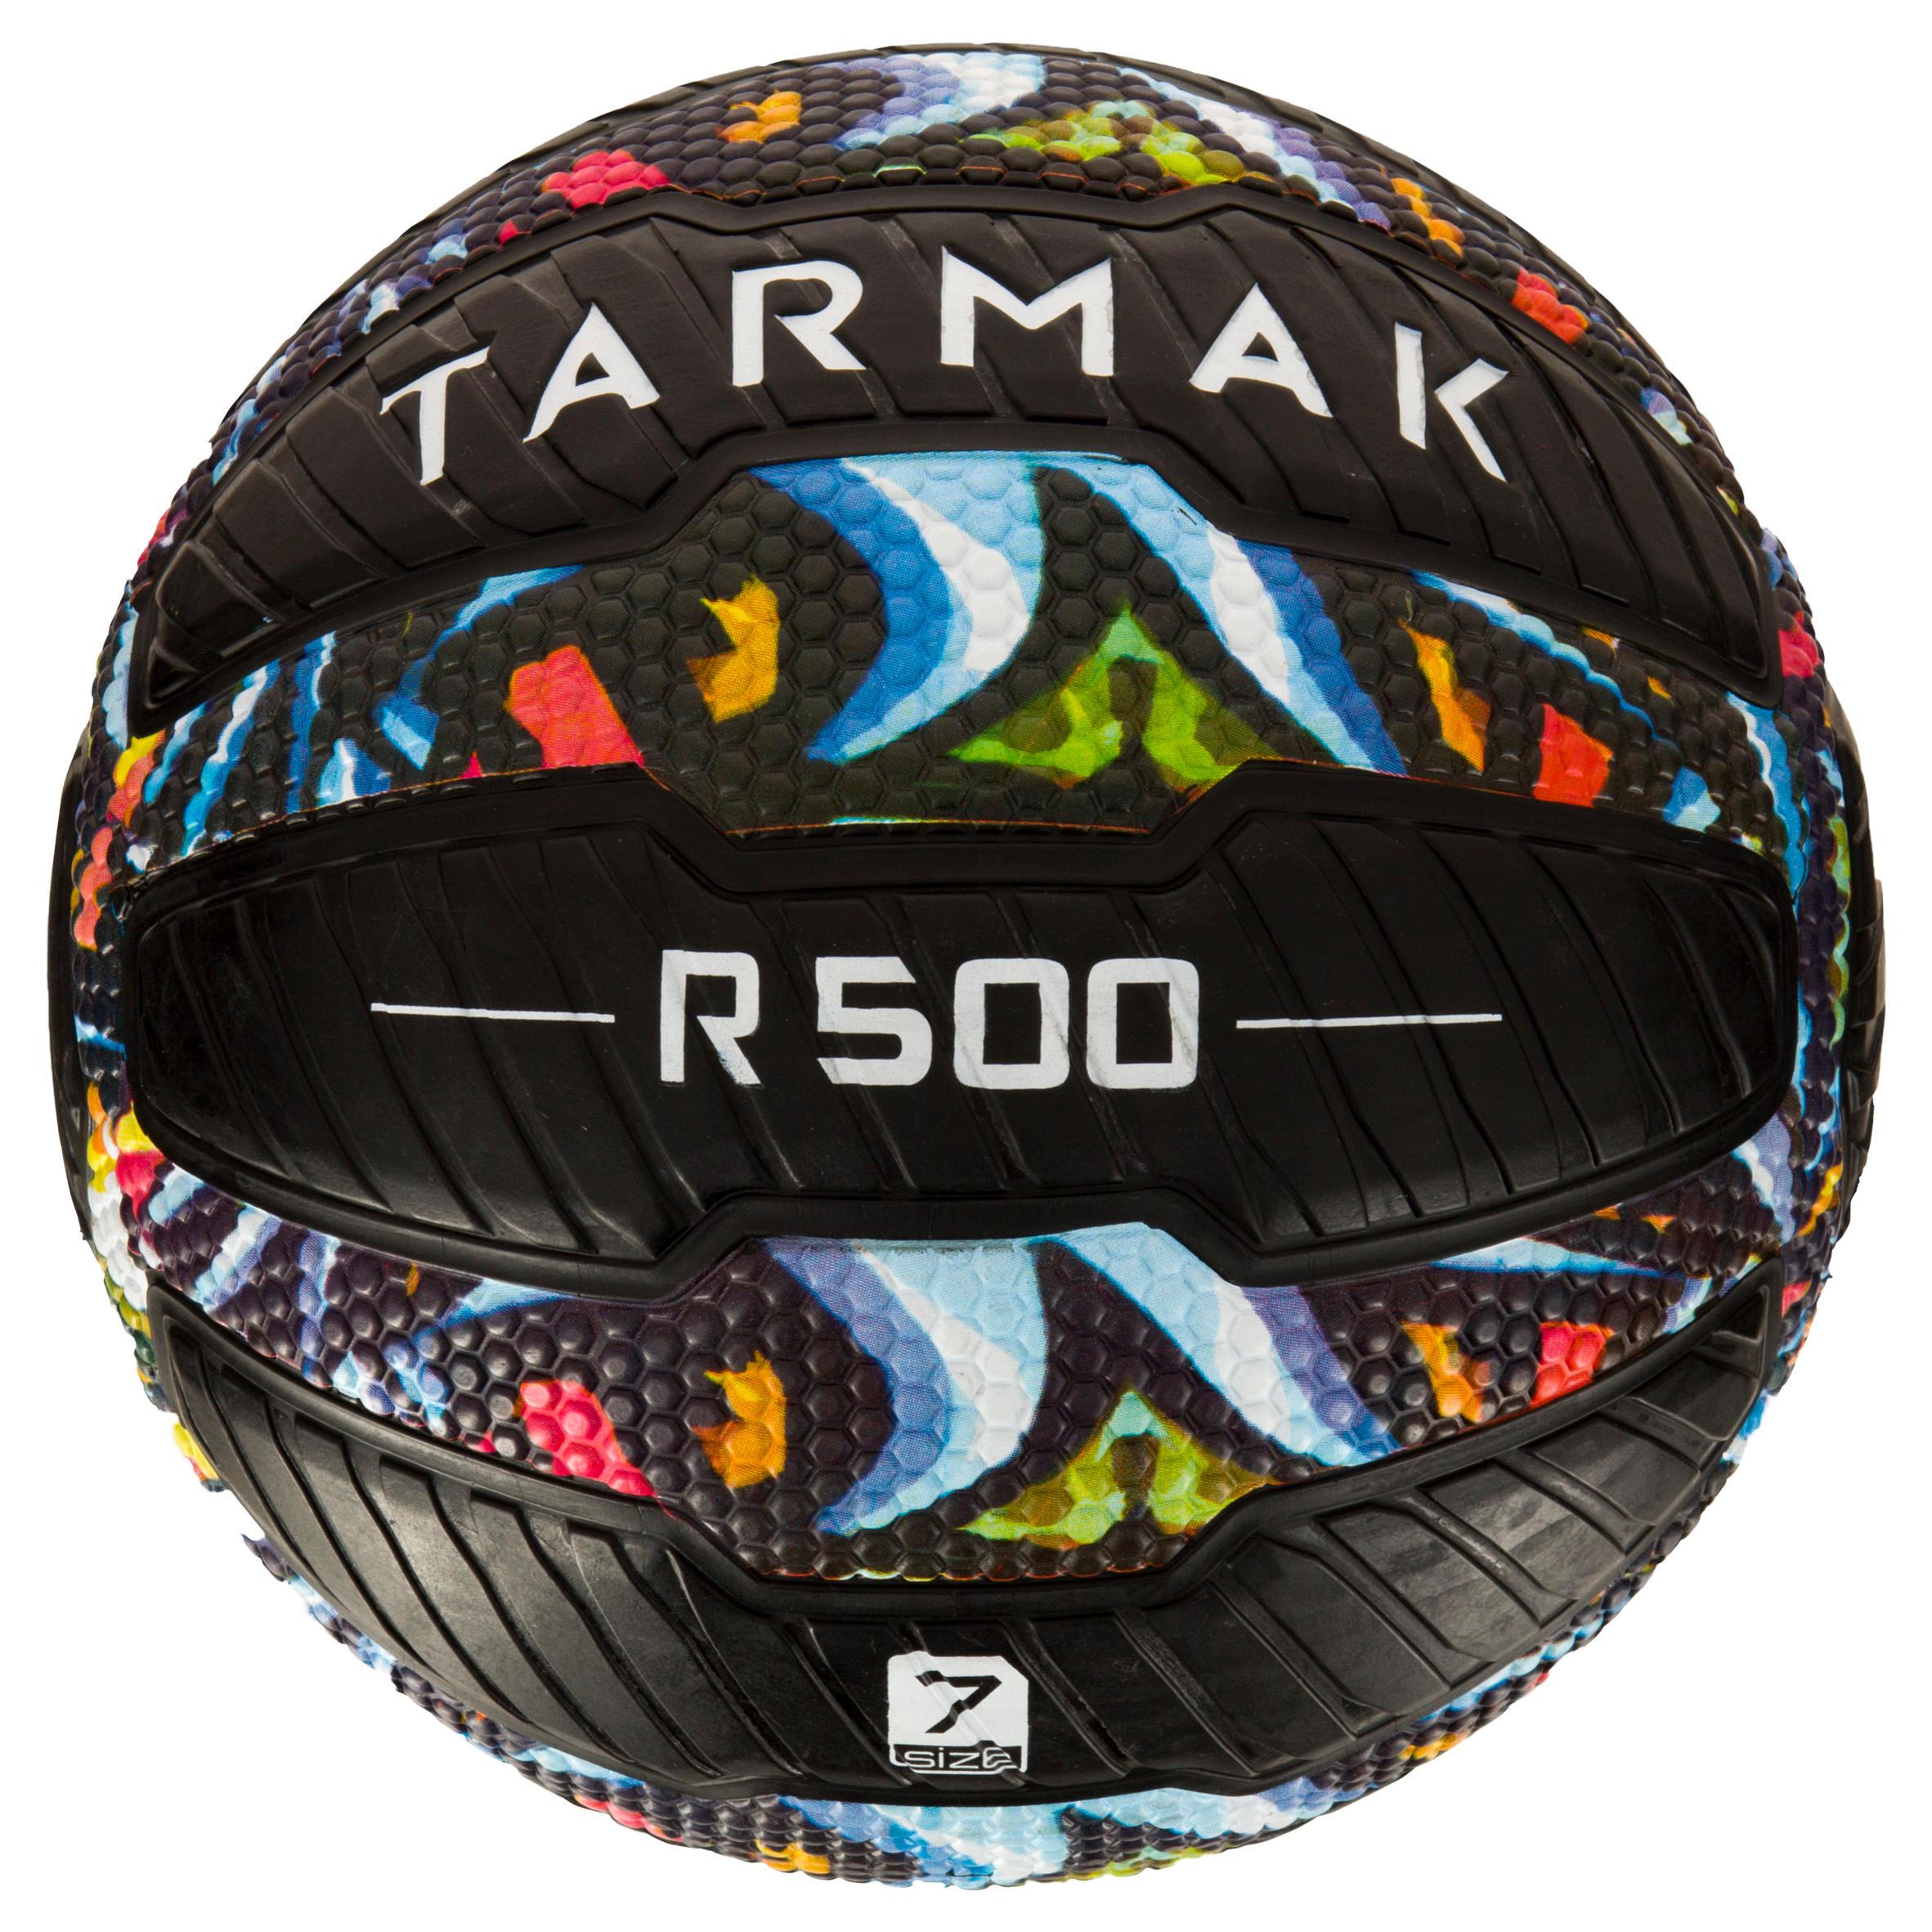 Tarmak Basketbal R500 maat 7 volwassenen zwart. Kan niet lek, biedt een perfecte grip.